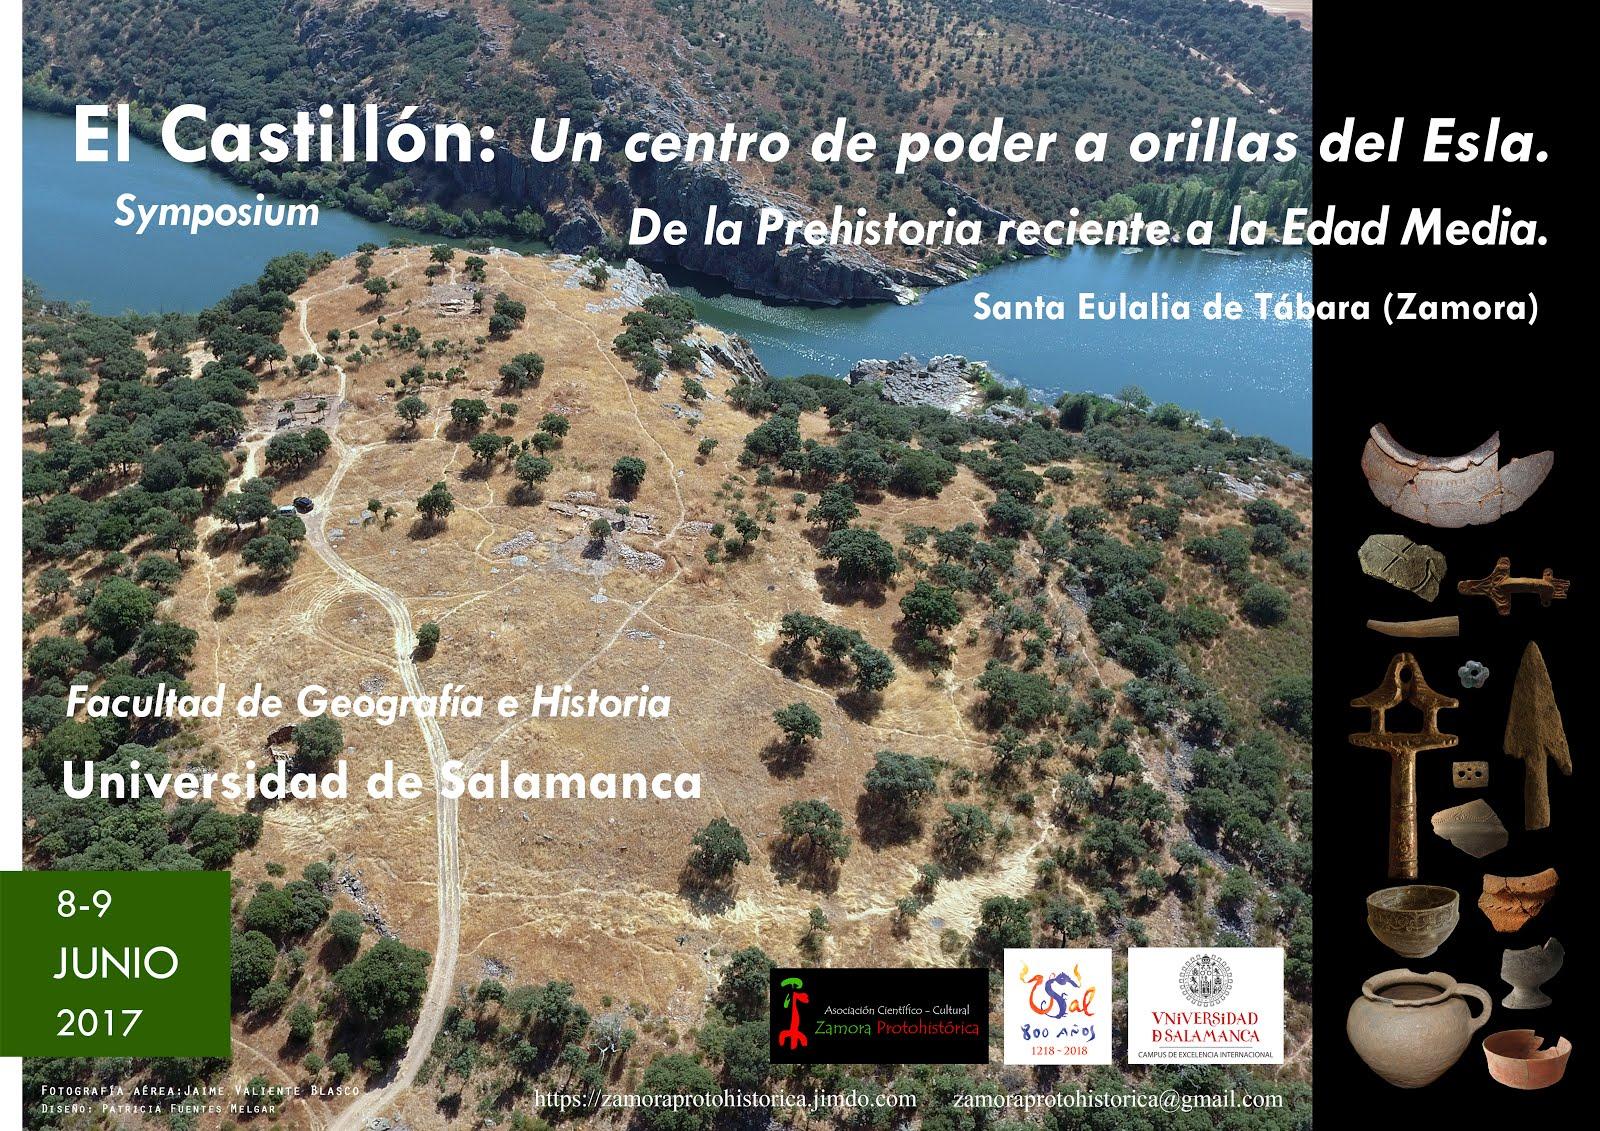 El Castillón: un centro de poder a orillas del Esla